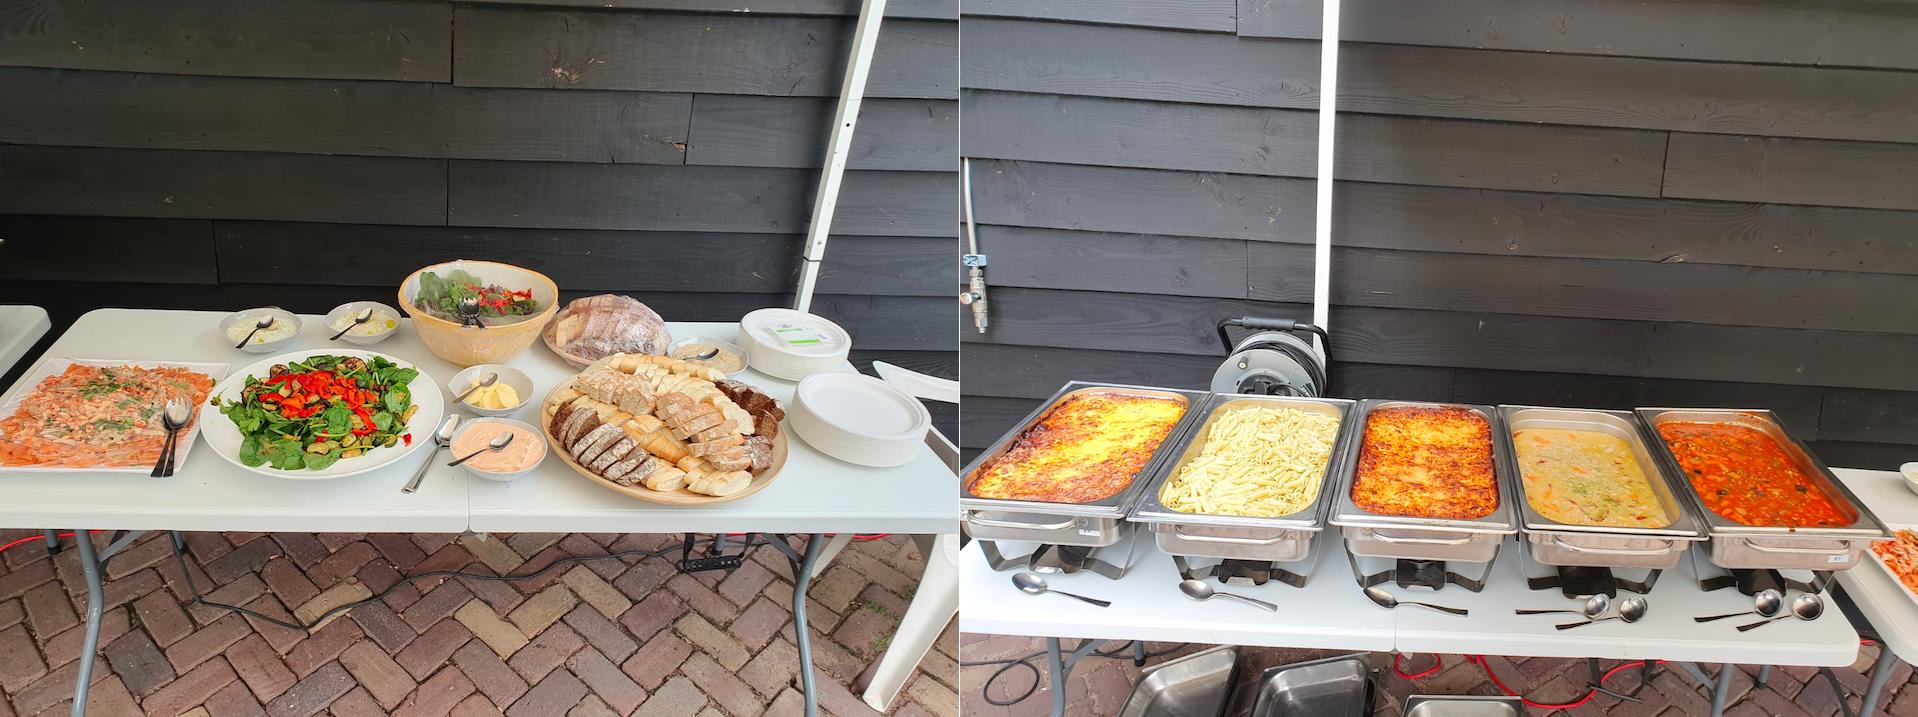 Het Italiaanse buffet op het vrijwilligersfeest van Dierentehuis Stevenshage in Leiden.